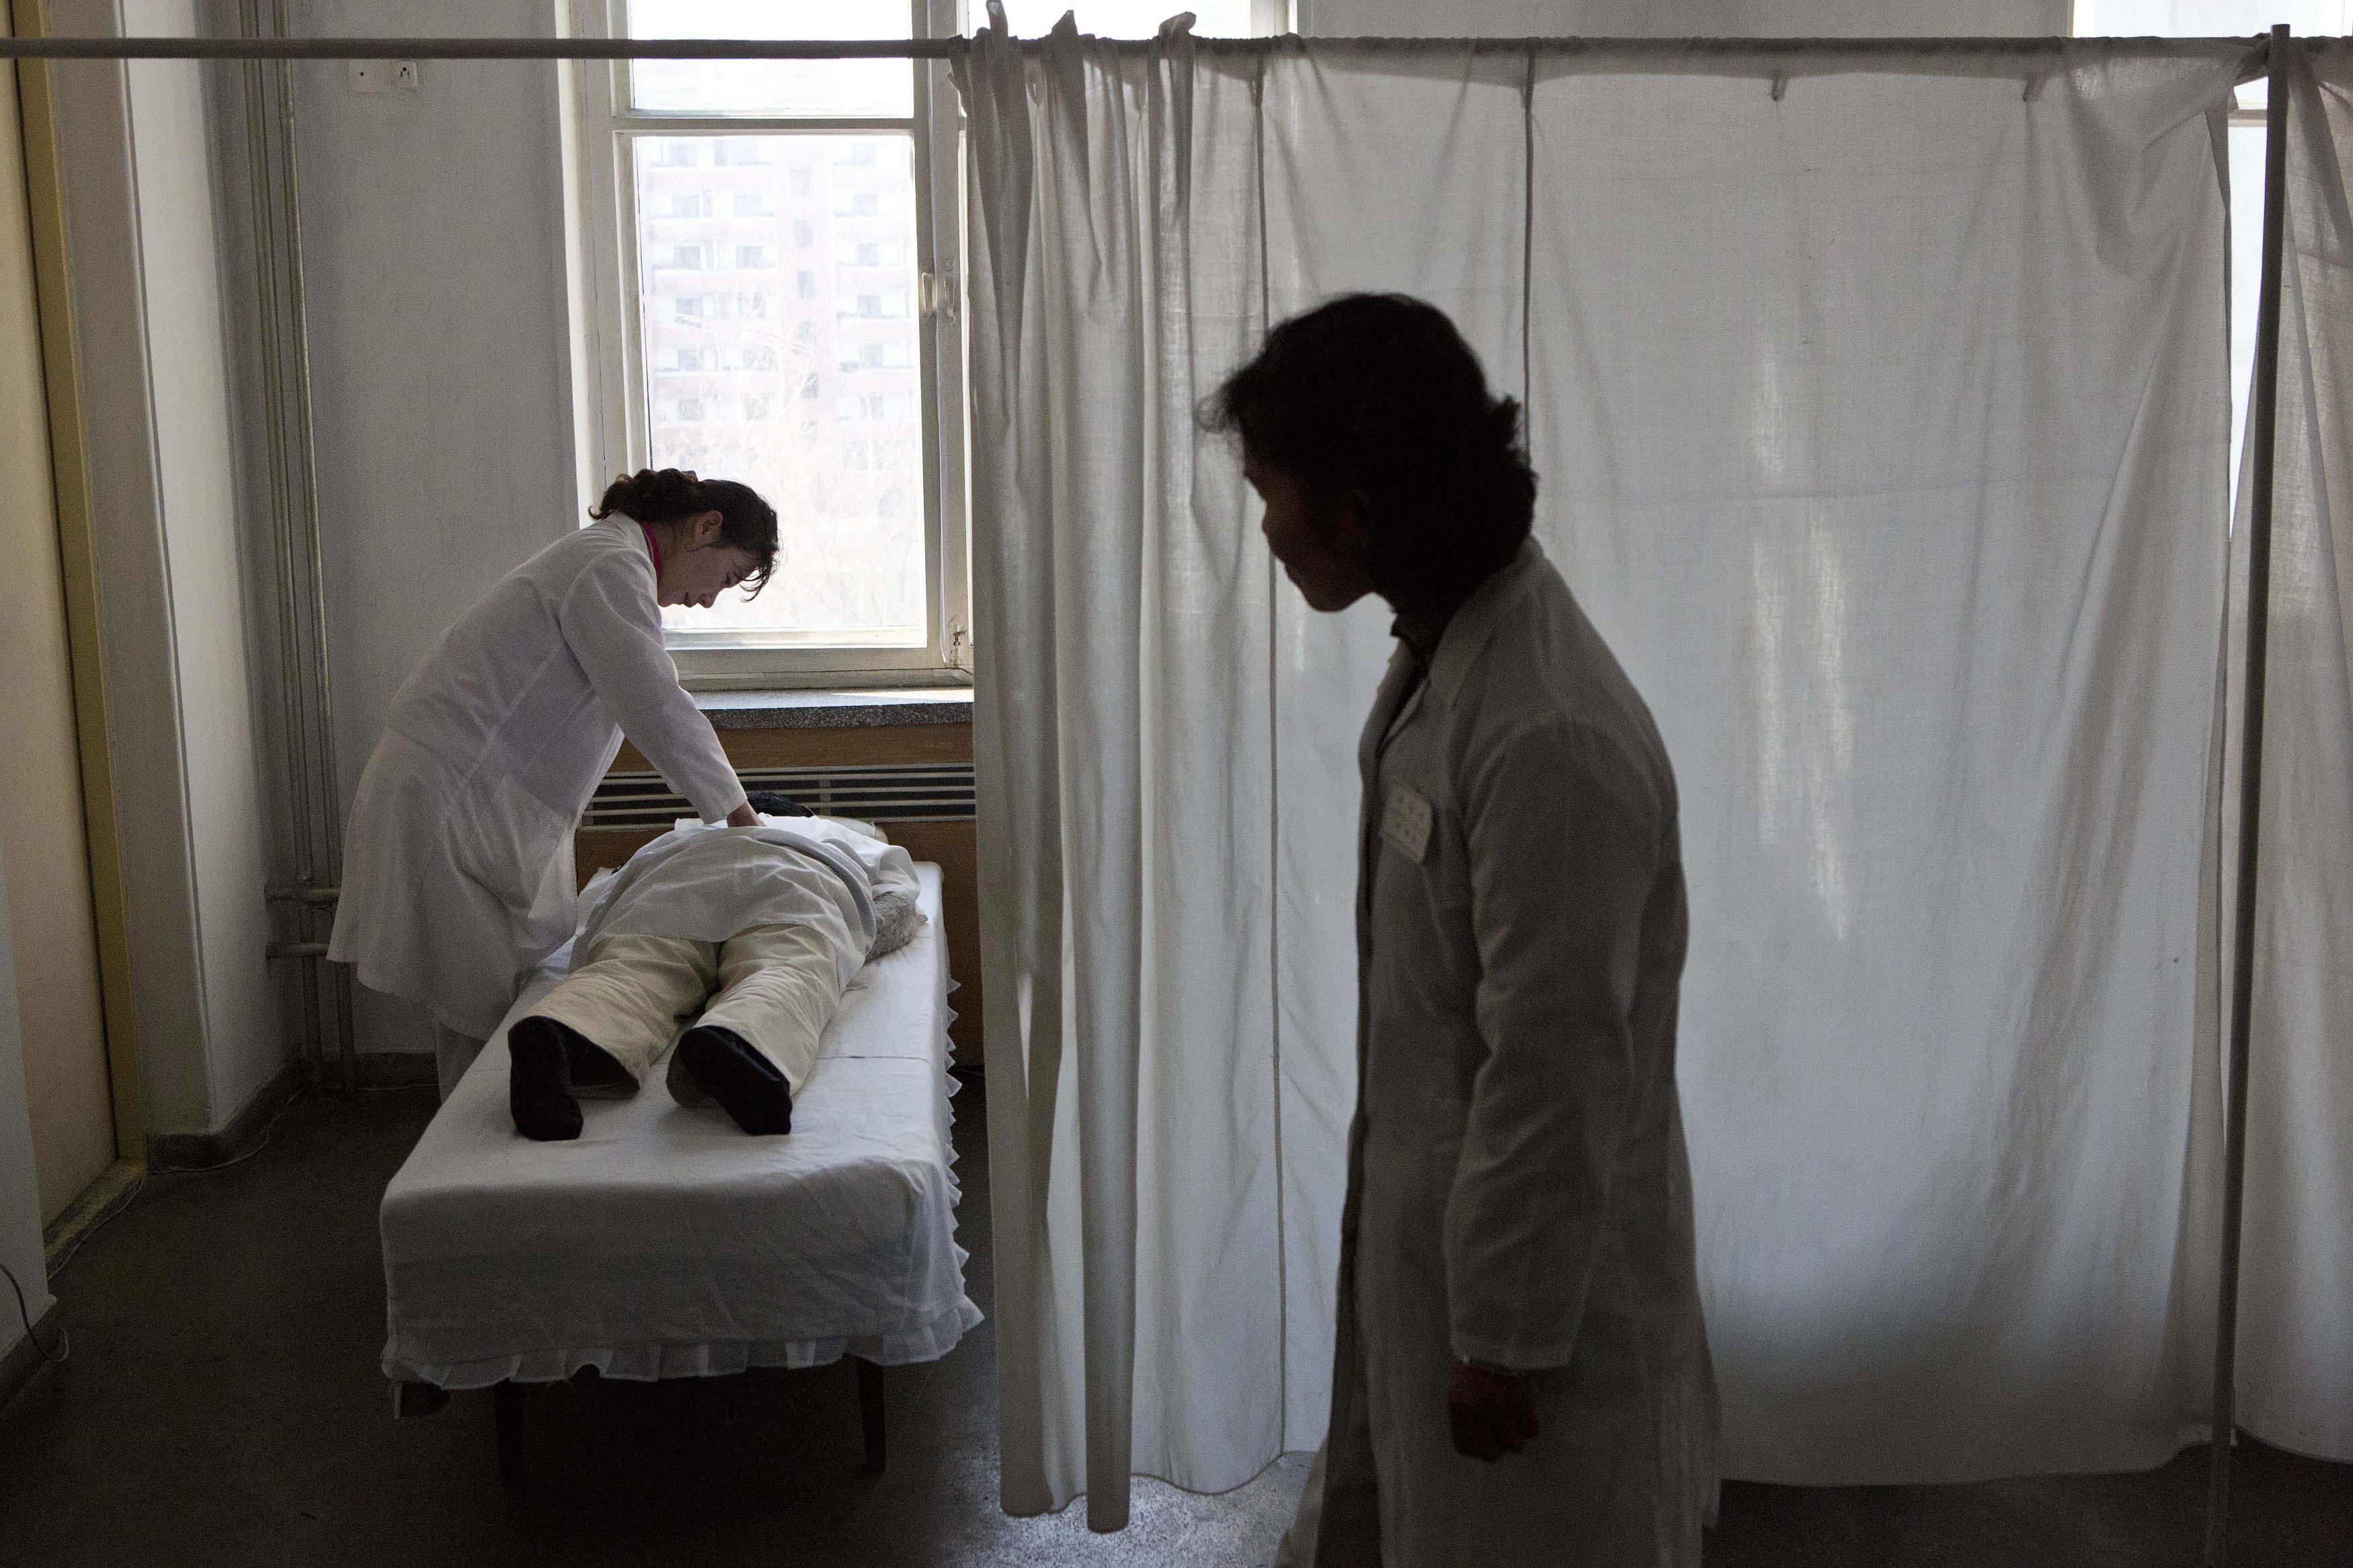 ▲▼北韓醫療設施與基礎建設嚴重缺乏,因此極度恐懼傳染病侵襲。(圖/達志影像/美聯社)